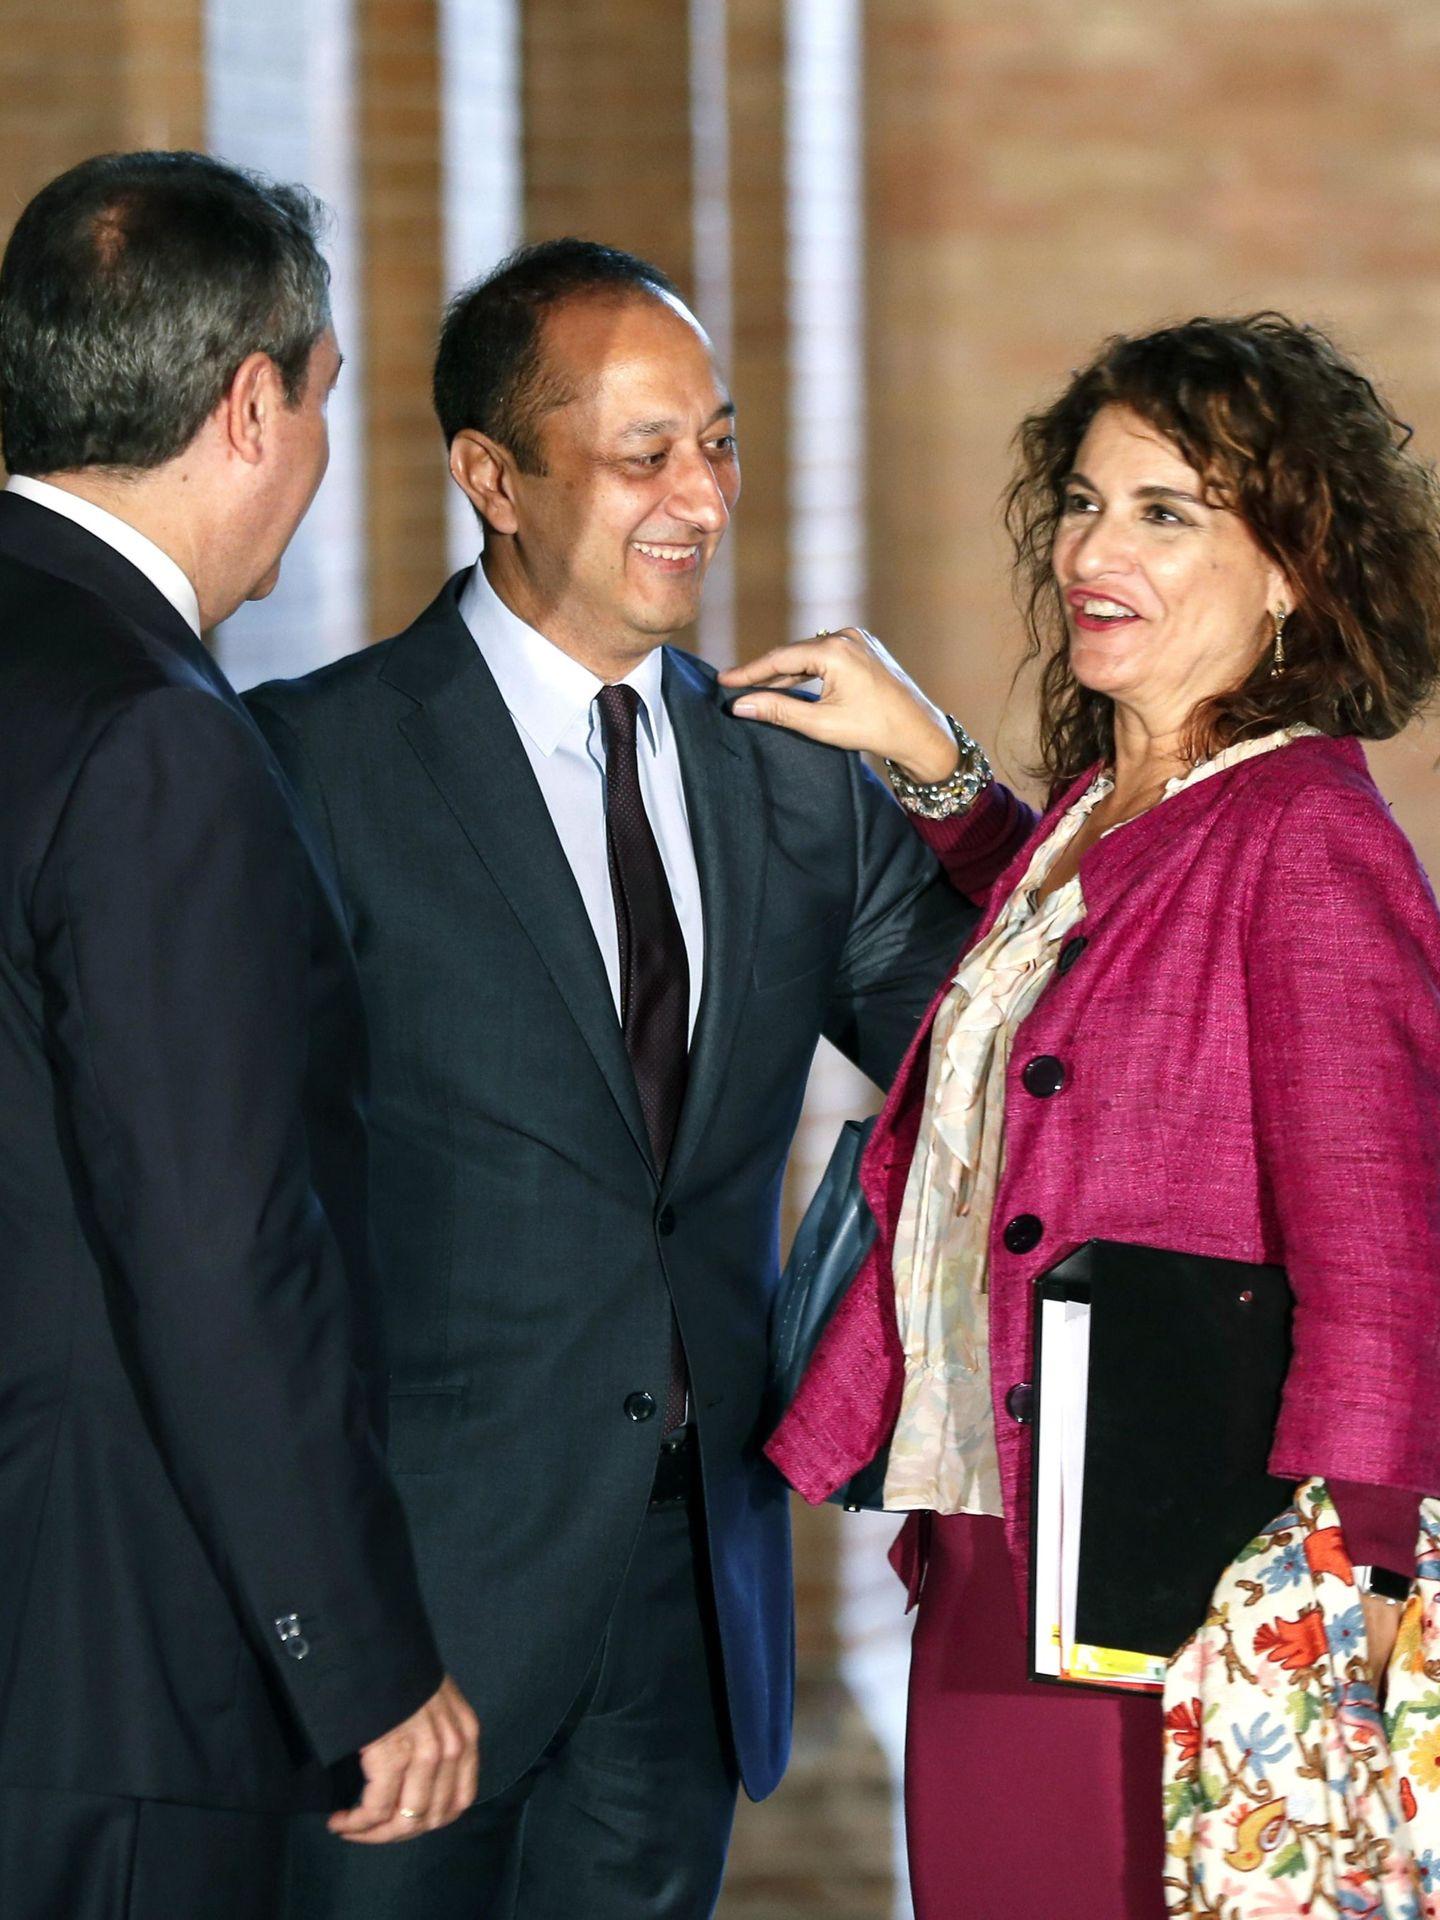 La ministra de Hacienda, María Jesús Montero (d), saluda al alcalde de Sevilla, Juan Espadas, y al delegado del Gobierno en Andalucía, Alfonso Rodríguez Gómez de Celis, momentos antes del Consejo de Ministros celebrado en Sevilla el pasado 26 de octubre. (EFE)